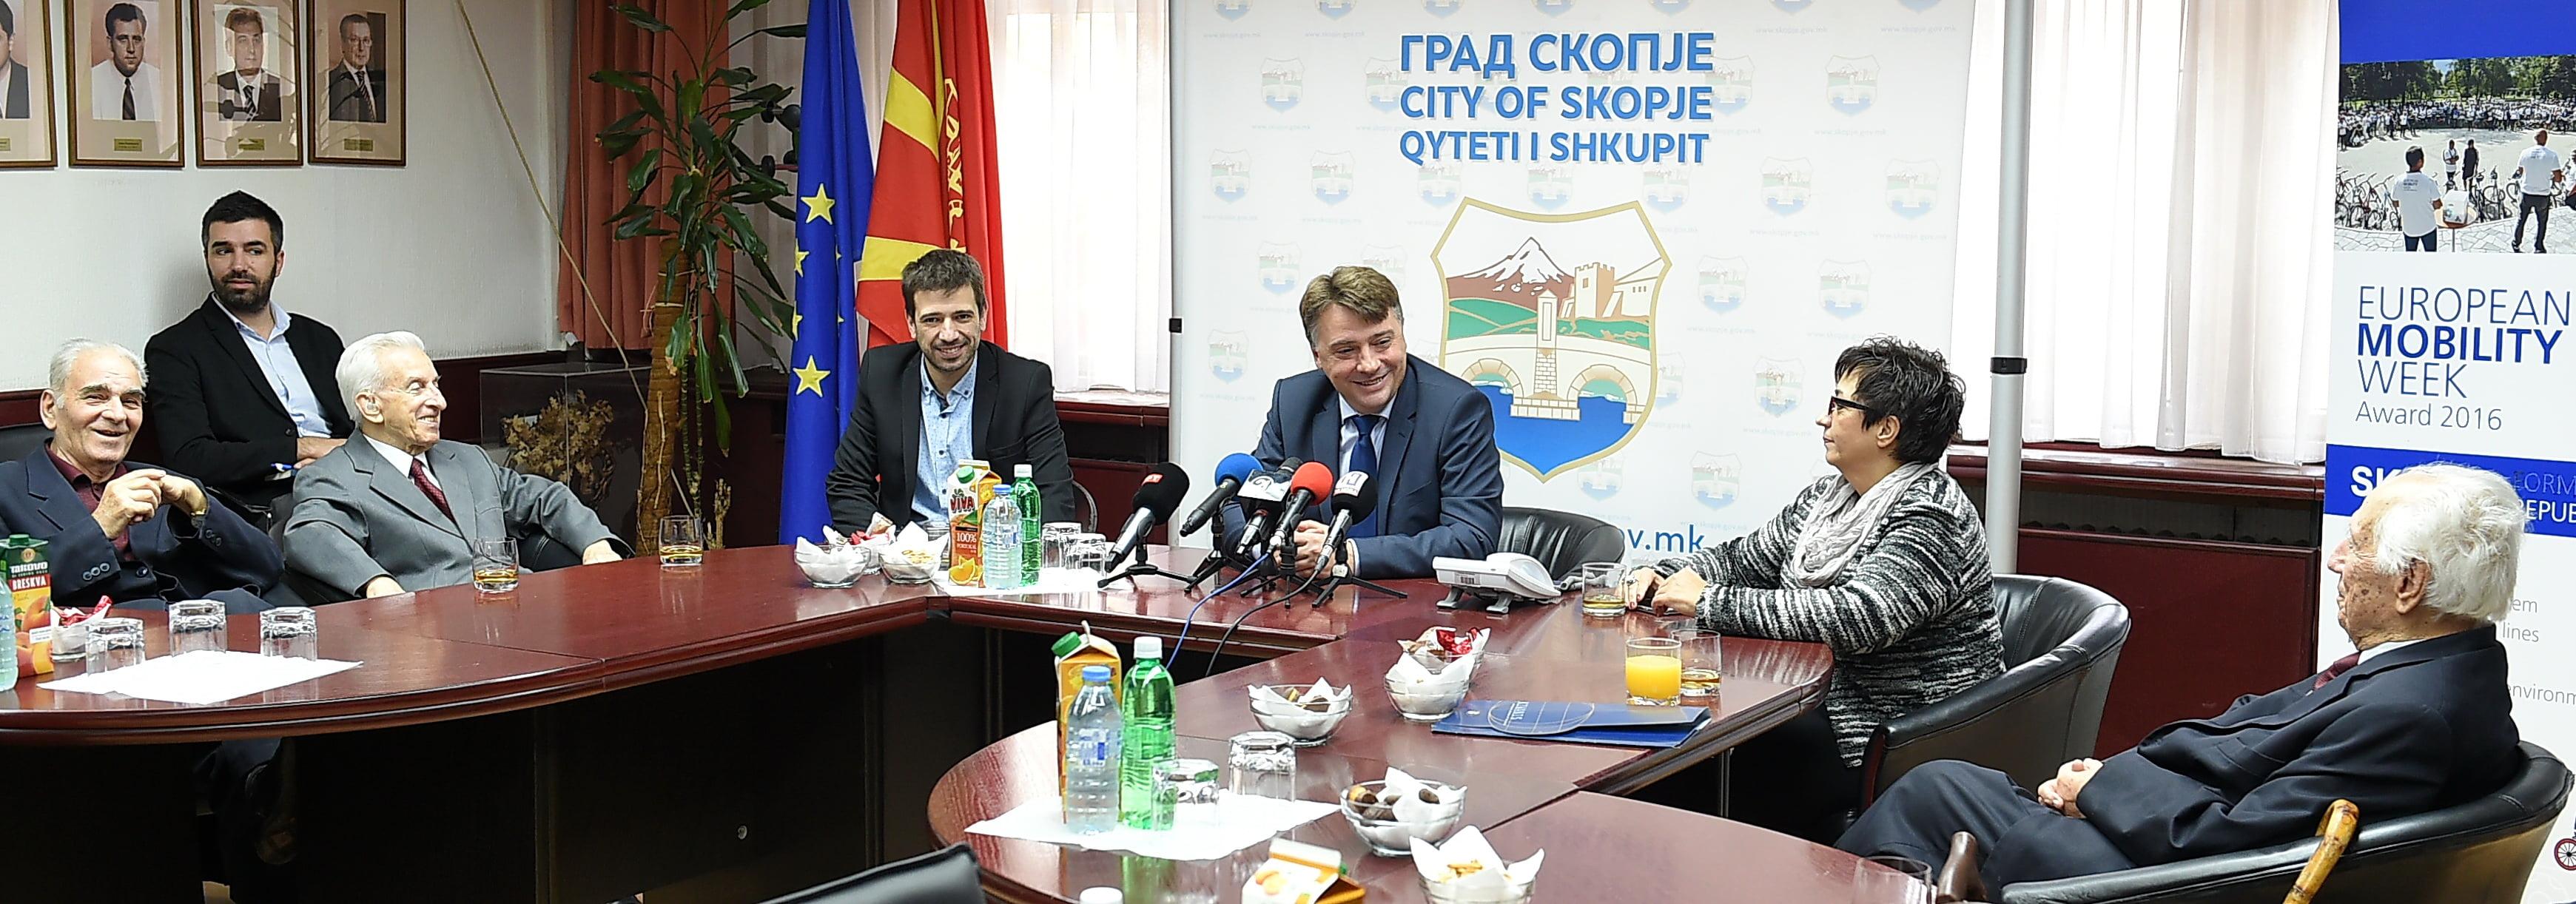 Шилегов им се заблагодари на борците од НОБ за слободата што му ја подариле на градот